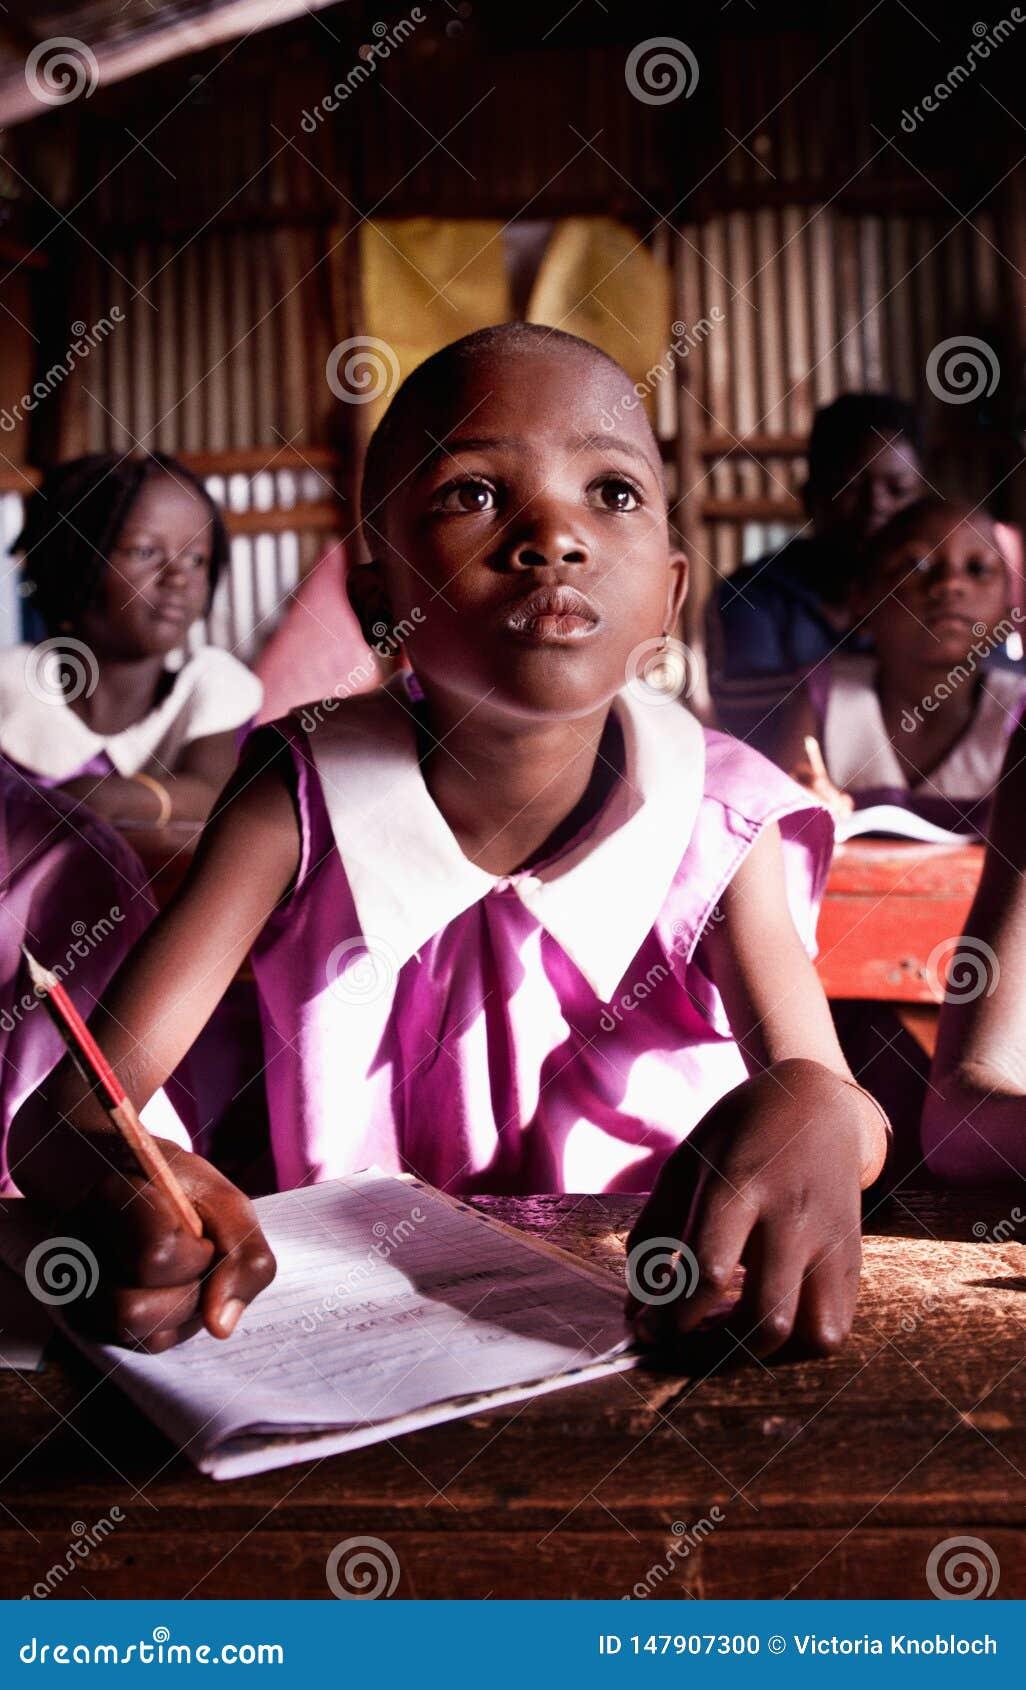 School Child in Uganda